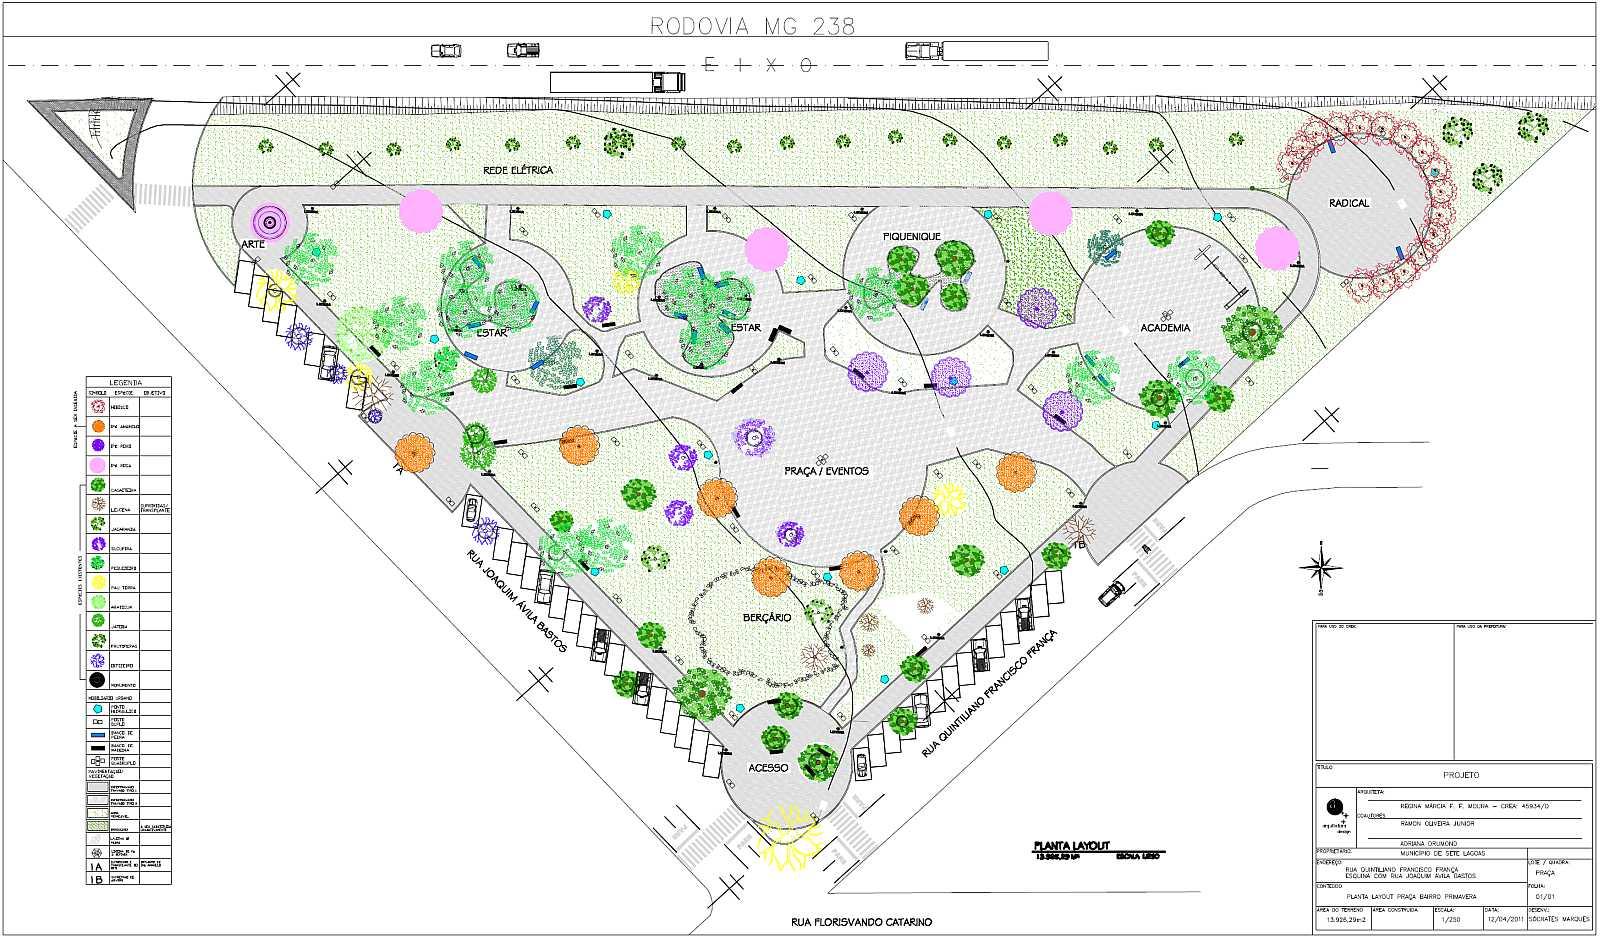 Imagens de #B46917 banco de jardim bloco cad:Abaixo algumas espécies presentes no  1600x938 px 3466 Bloco Autocad Banheiro Em Vista